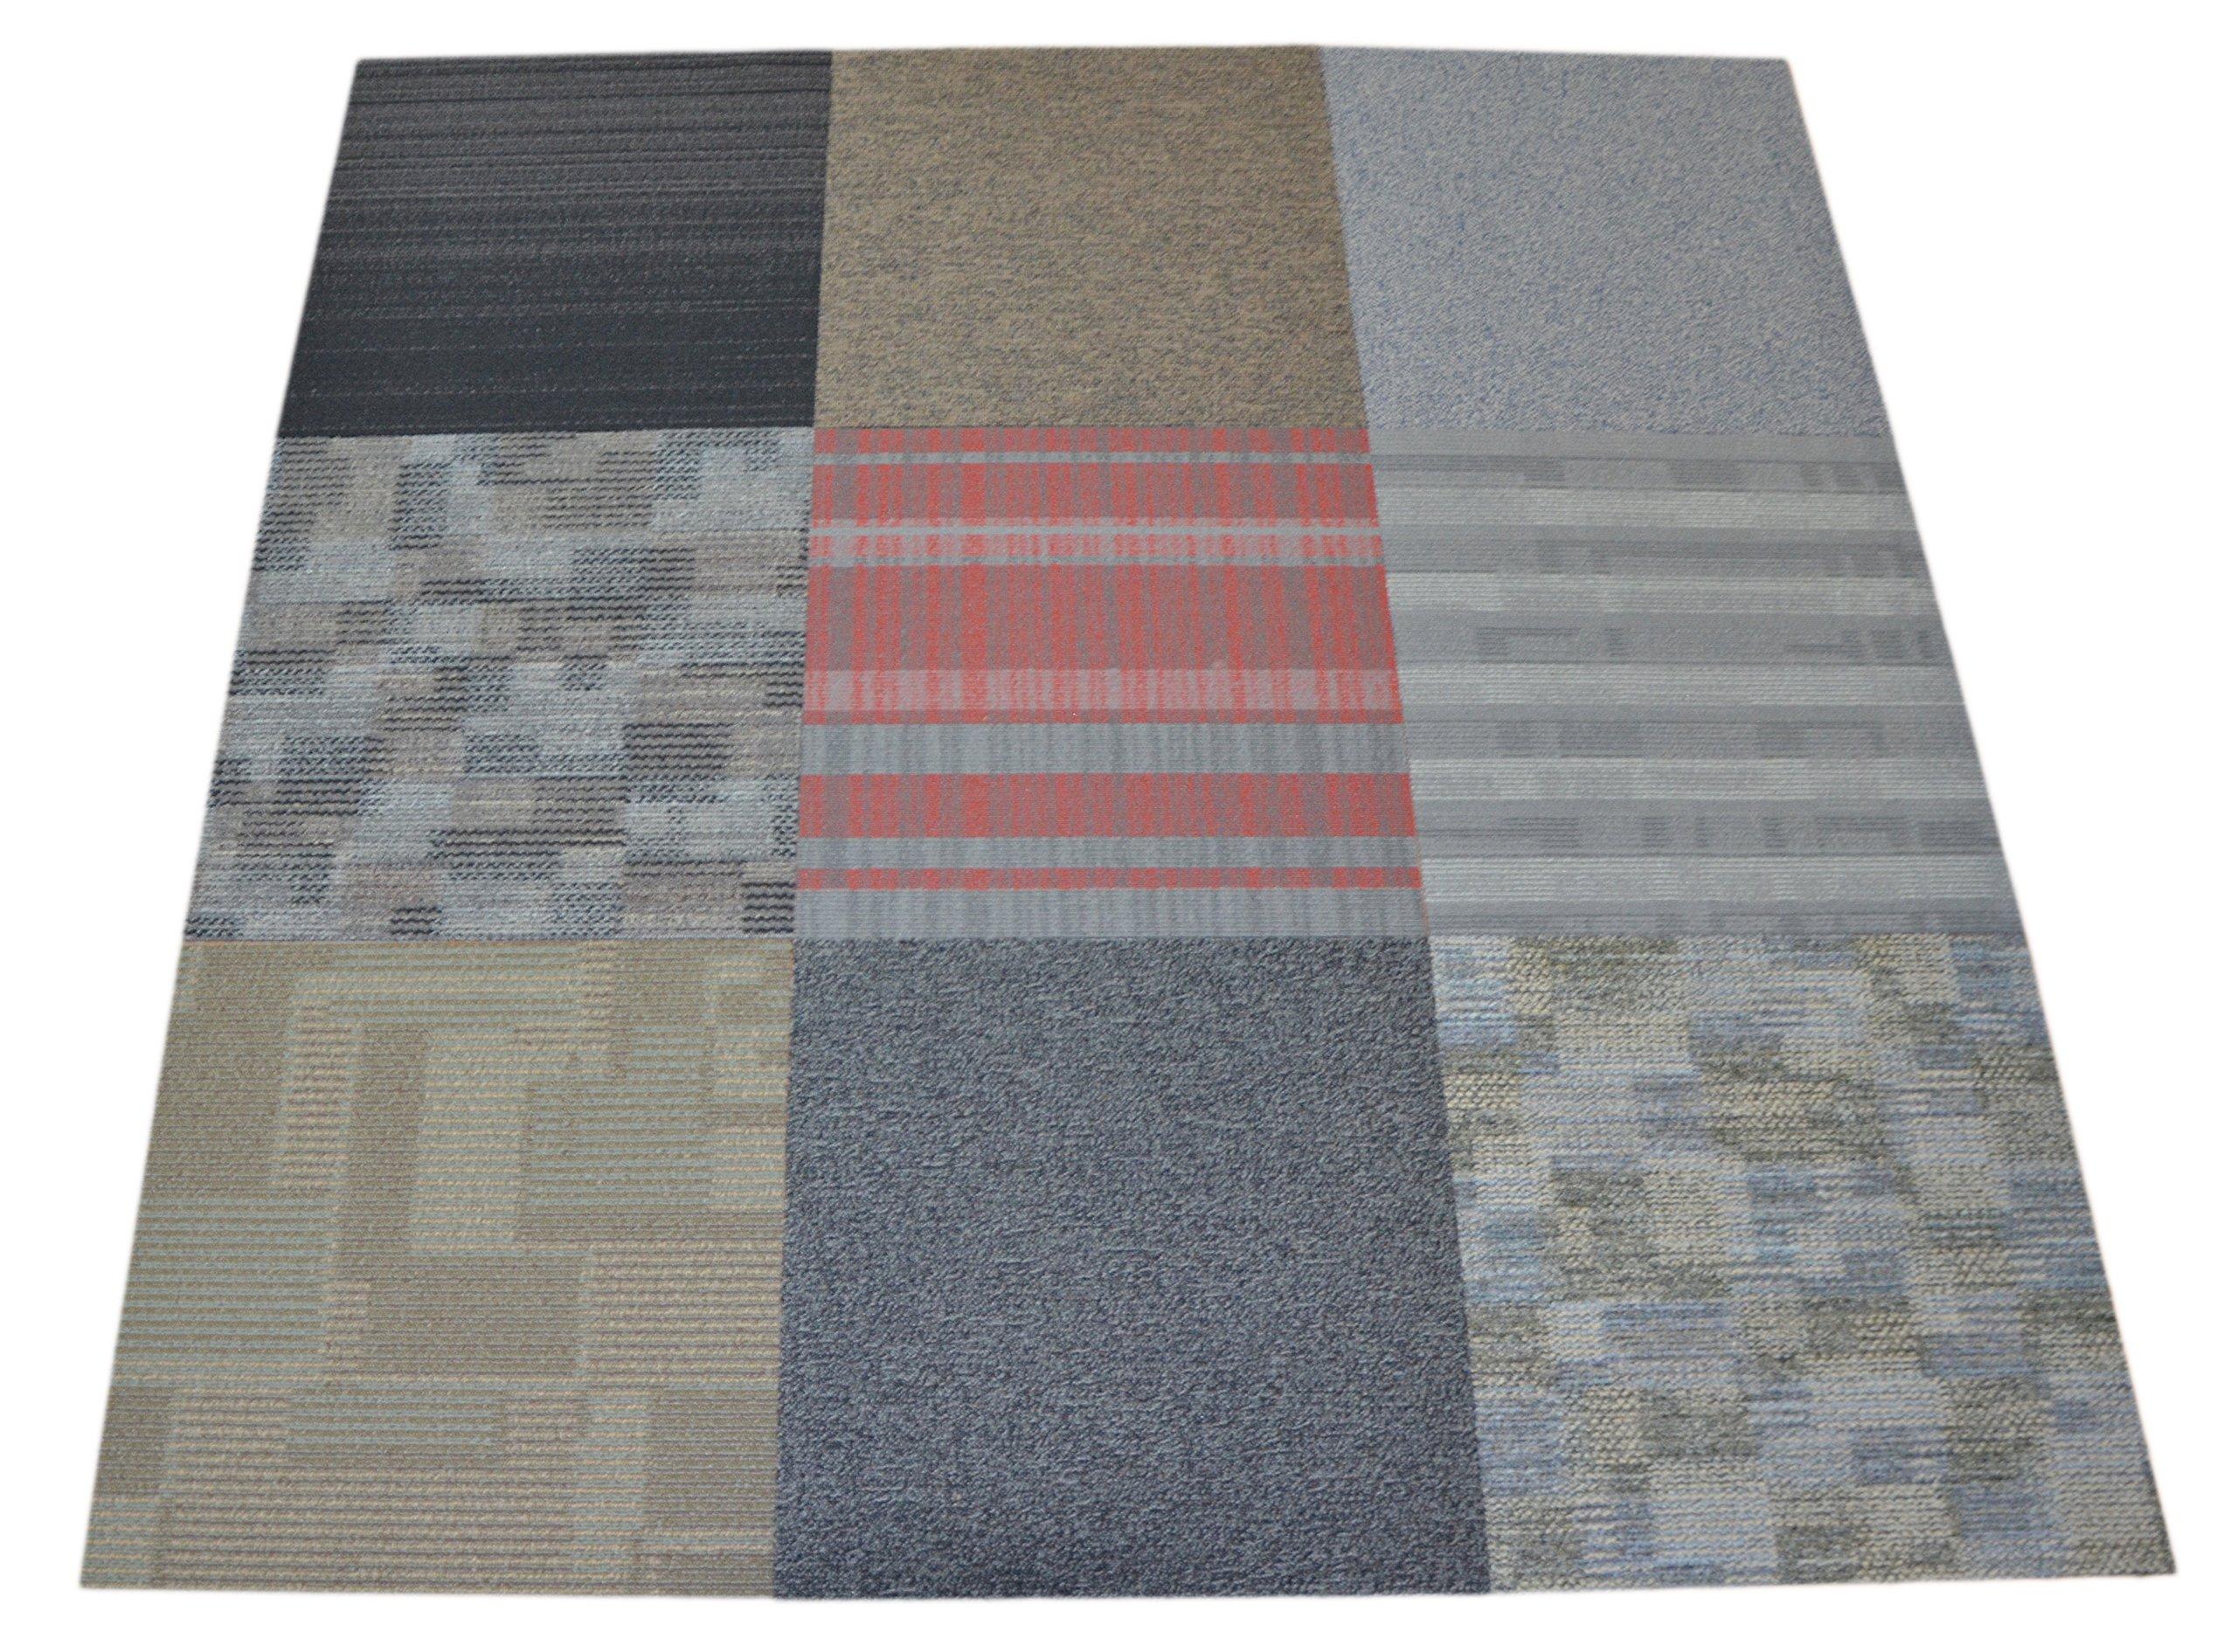 Dean commercial carpet tile random assorted colors 40 square dean commercial carpet tile random assorted colors 40 square feet baanklon Image collections